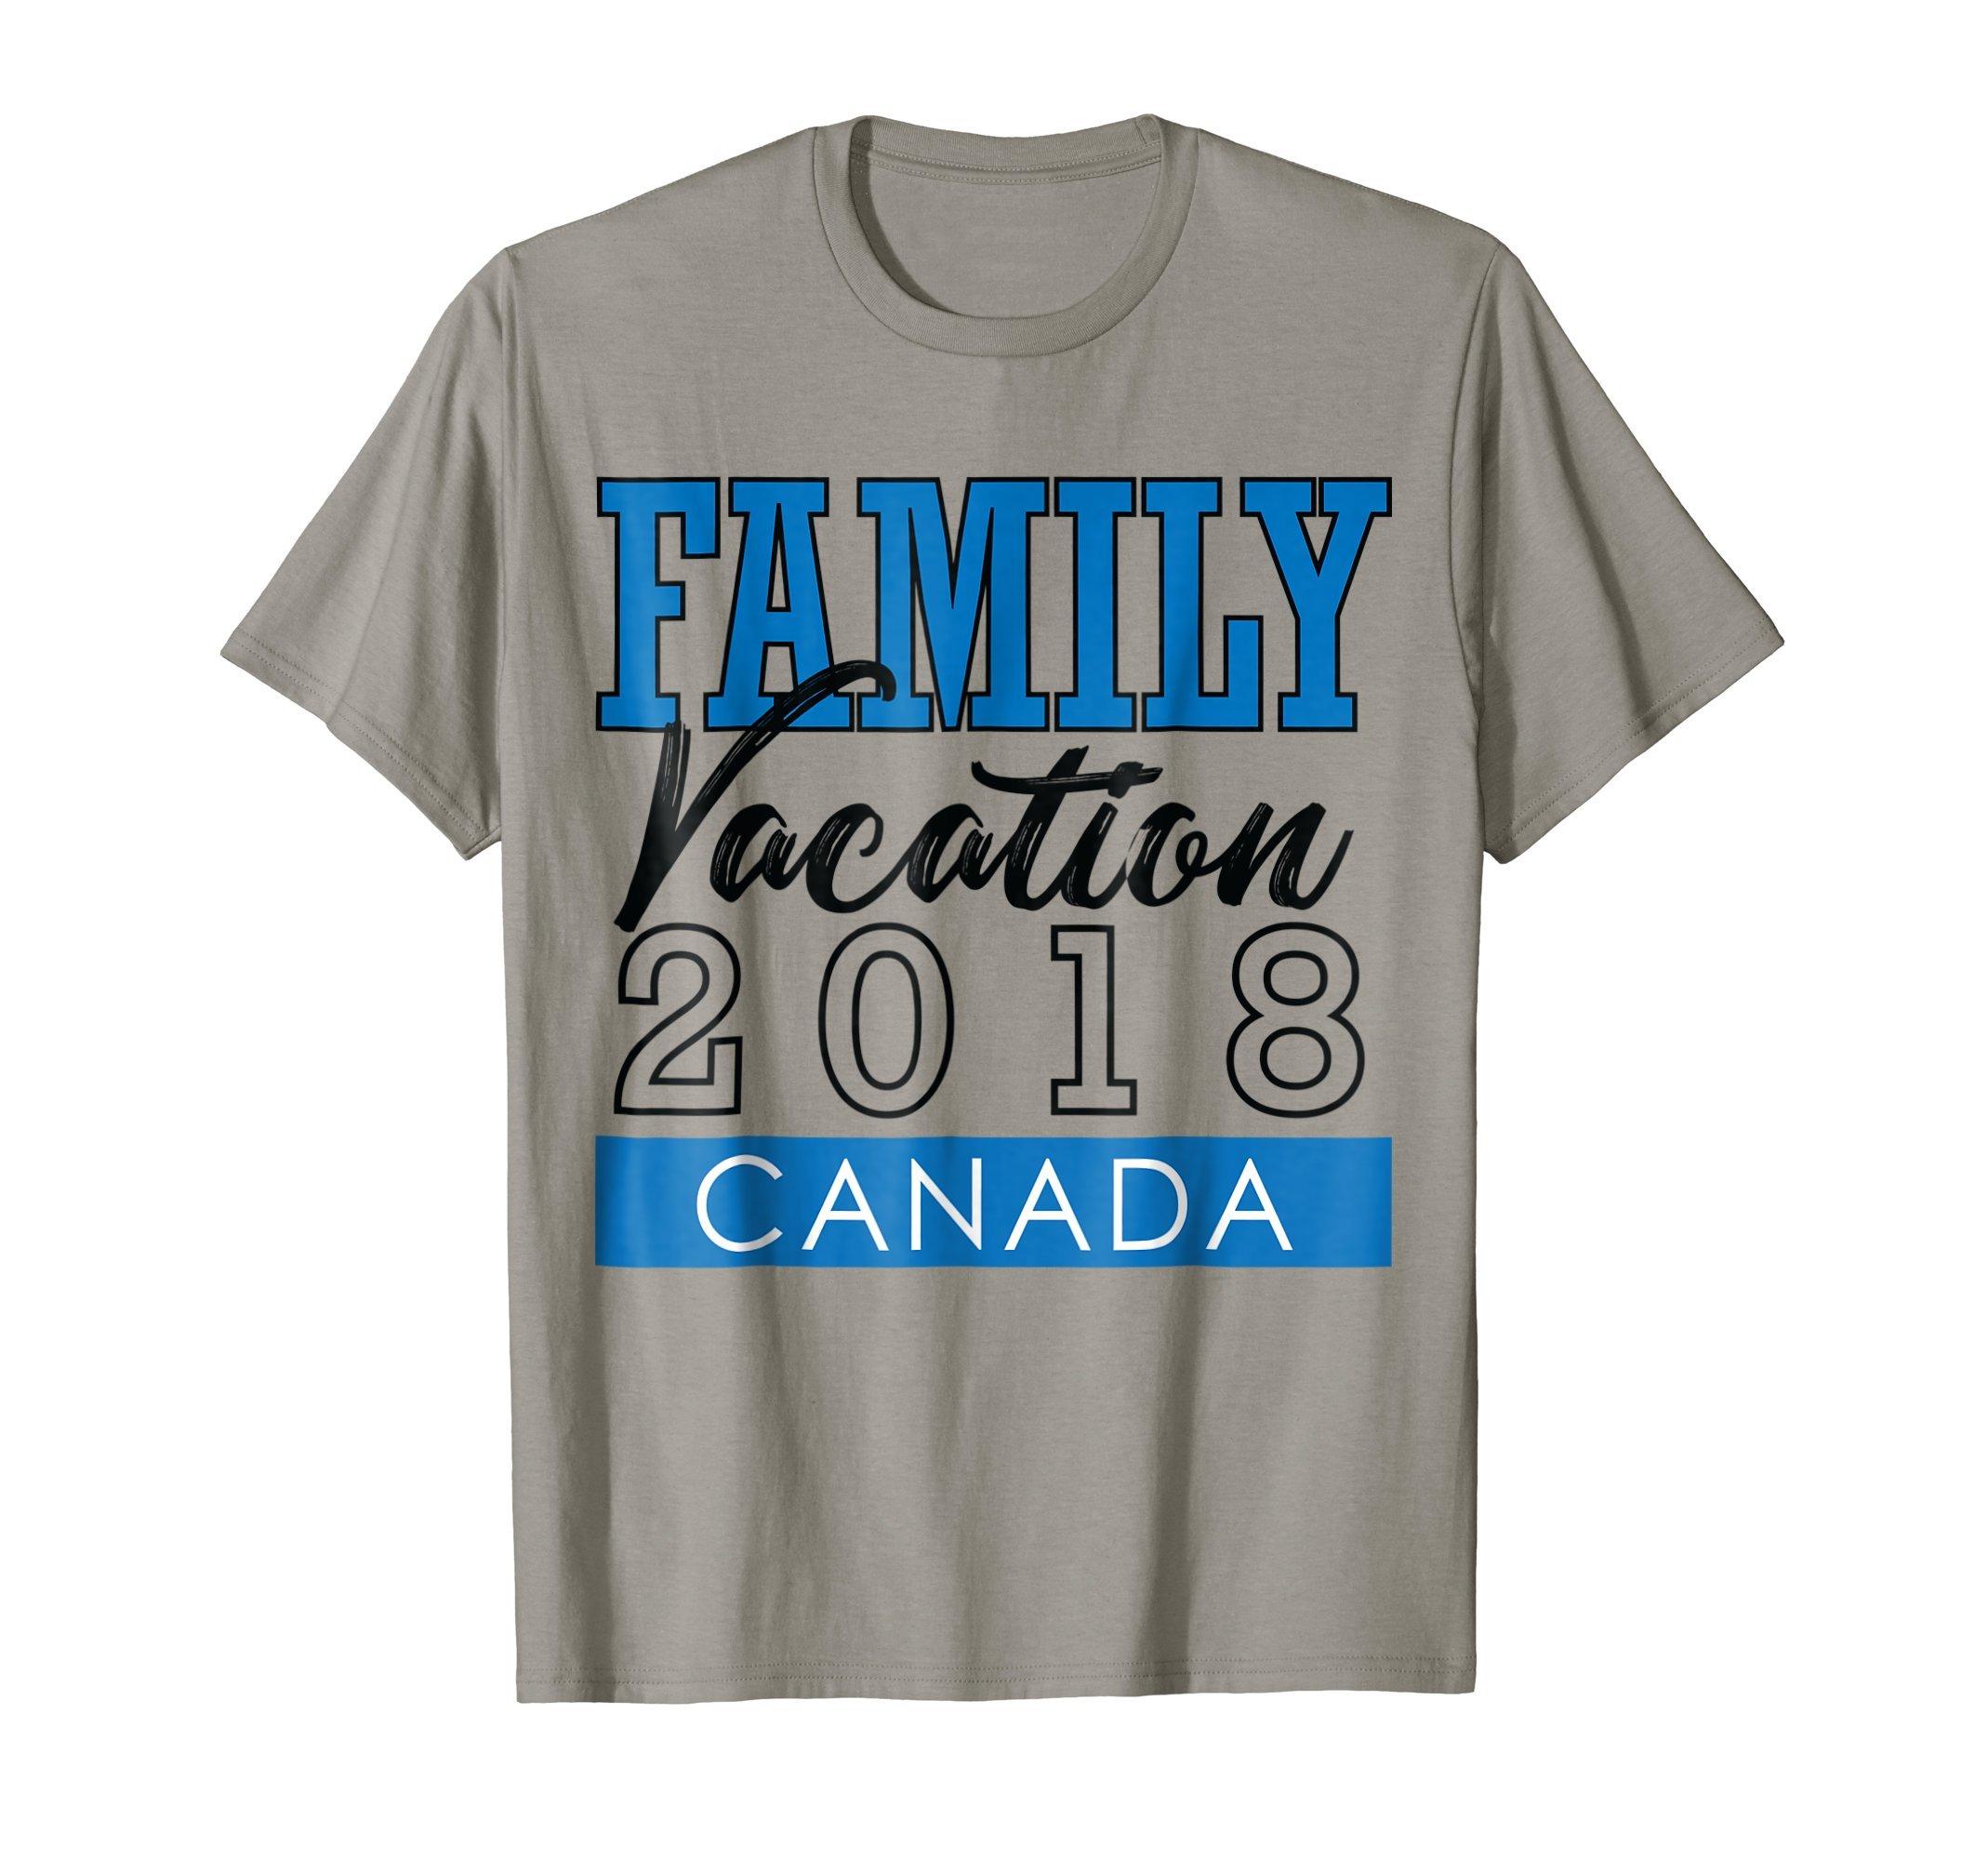 Family Vacation Travel Canada T-Shirt Holiday Toronto